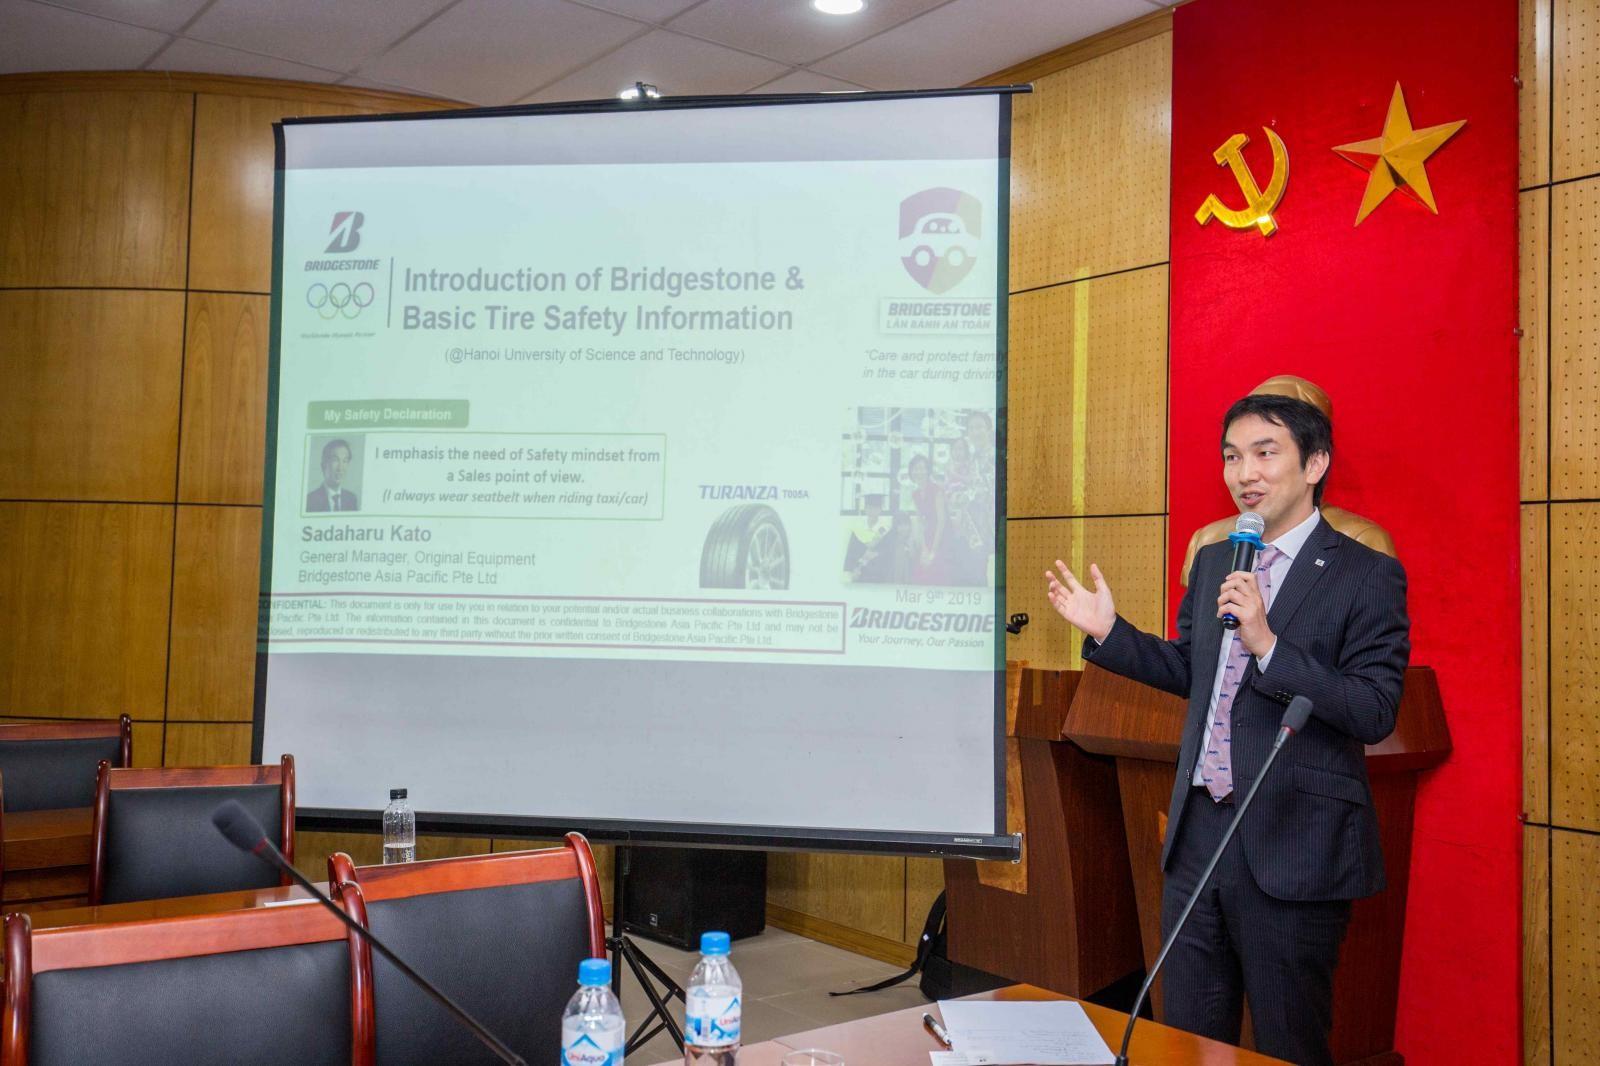 Ông Sadaharu Kato đại diện Tập đoàn Bridgestone Châu Á Thái Bình Dương – Trung Quốc tham gia chia sẻ tại khóa học an toàn cho xe.